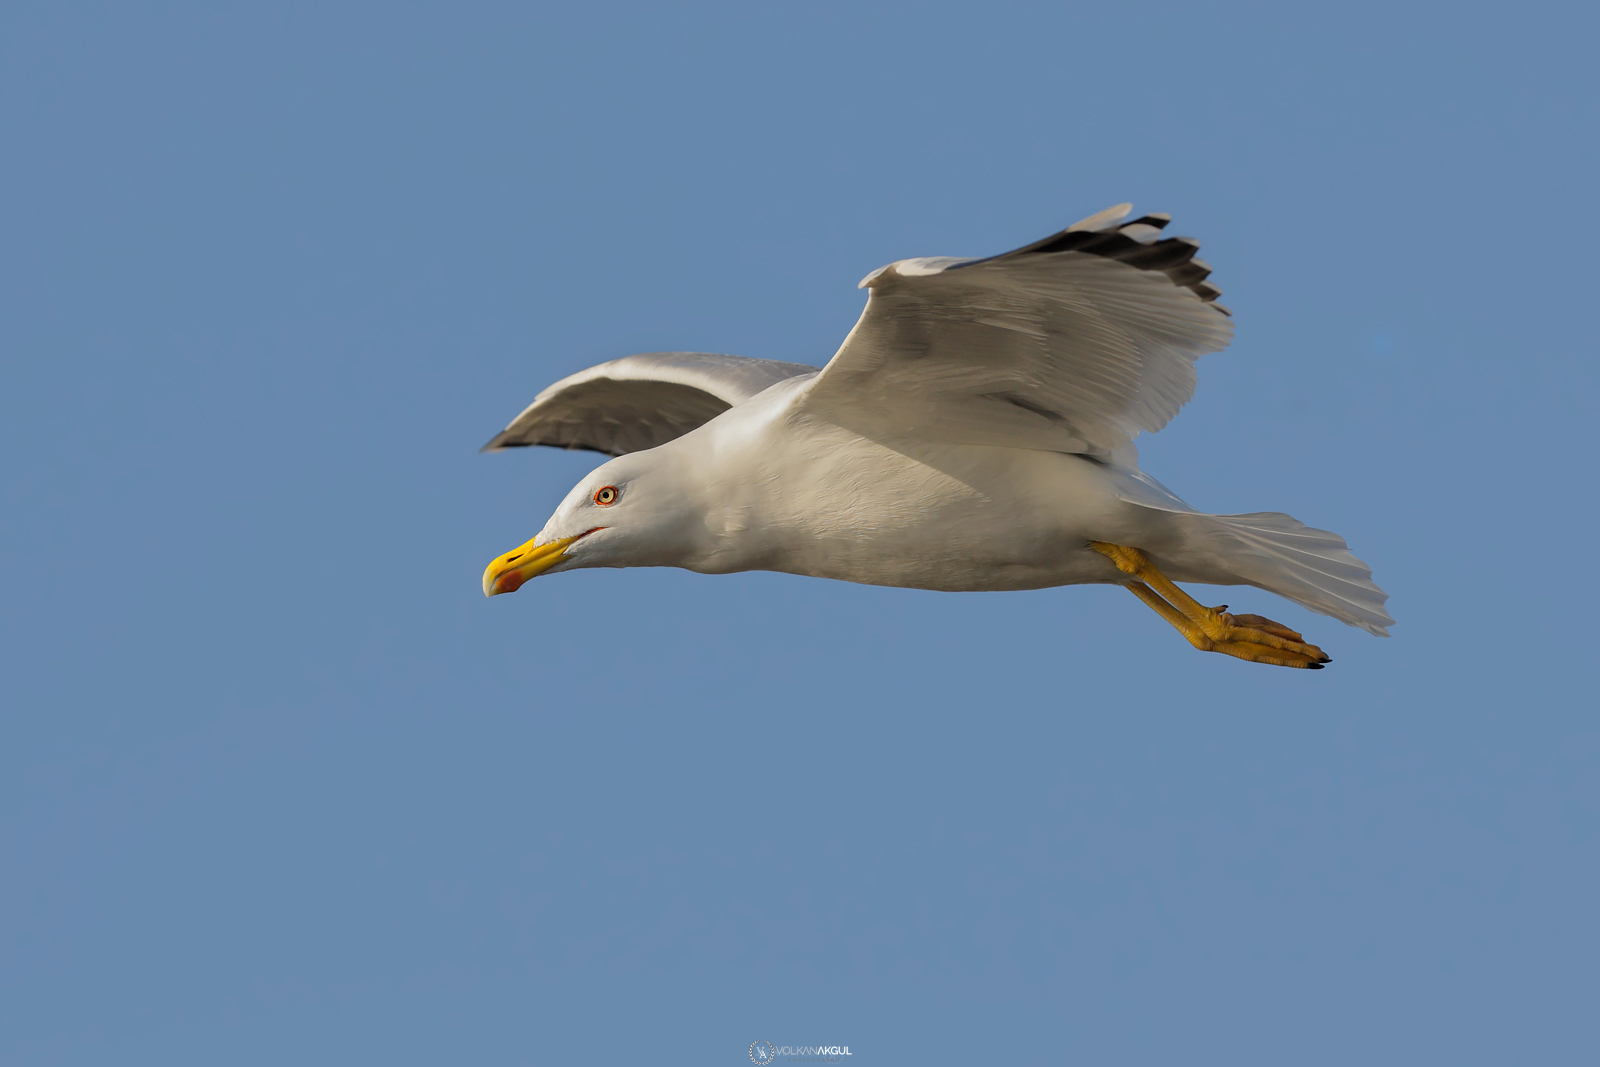 Doğa Fotoğraflari Sakarmeke gaga ve göz mavi deniz kuşu